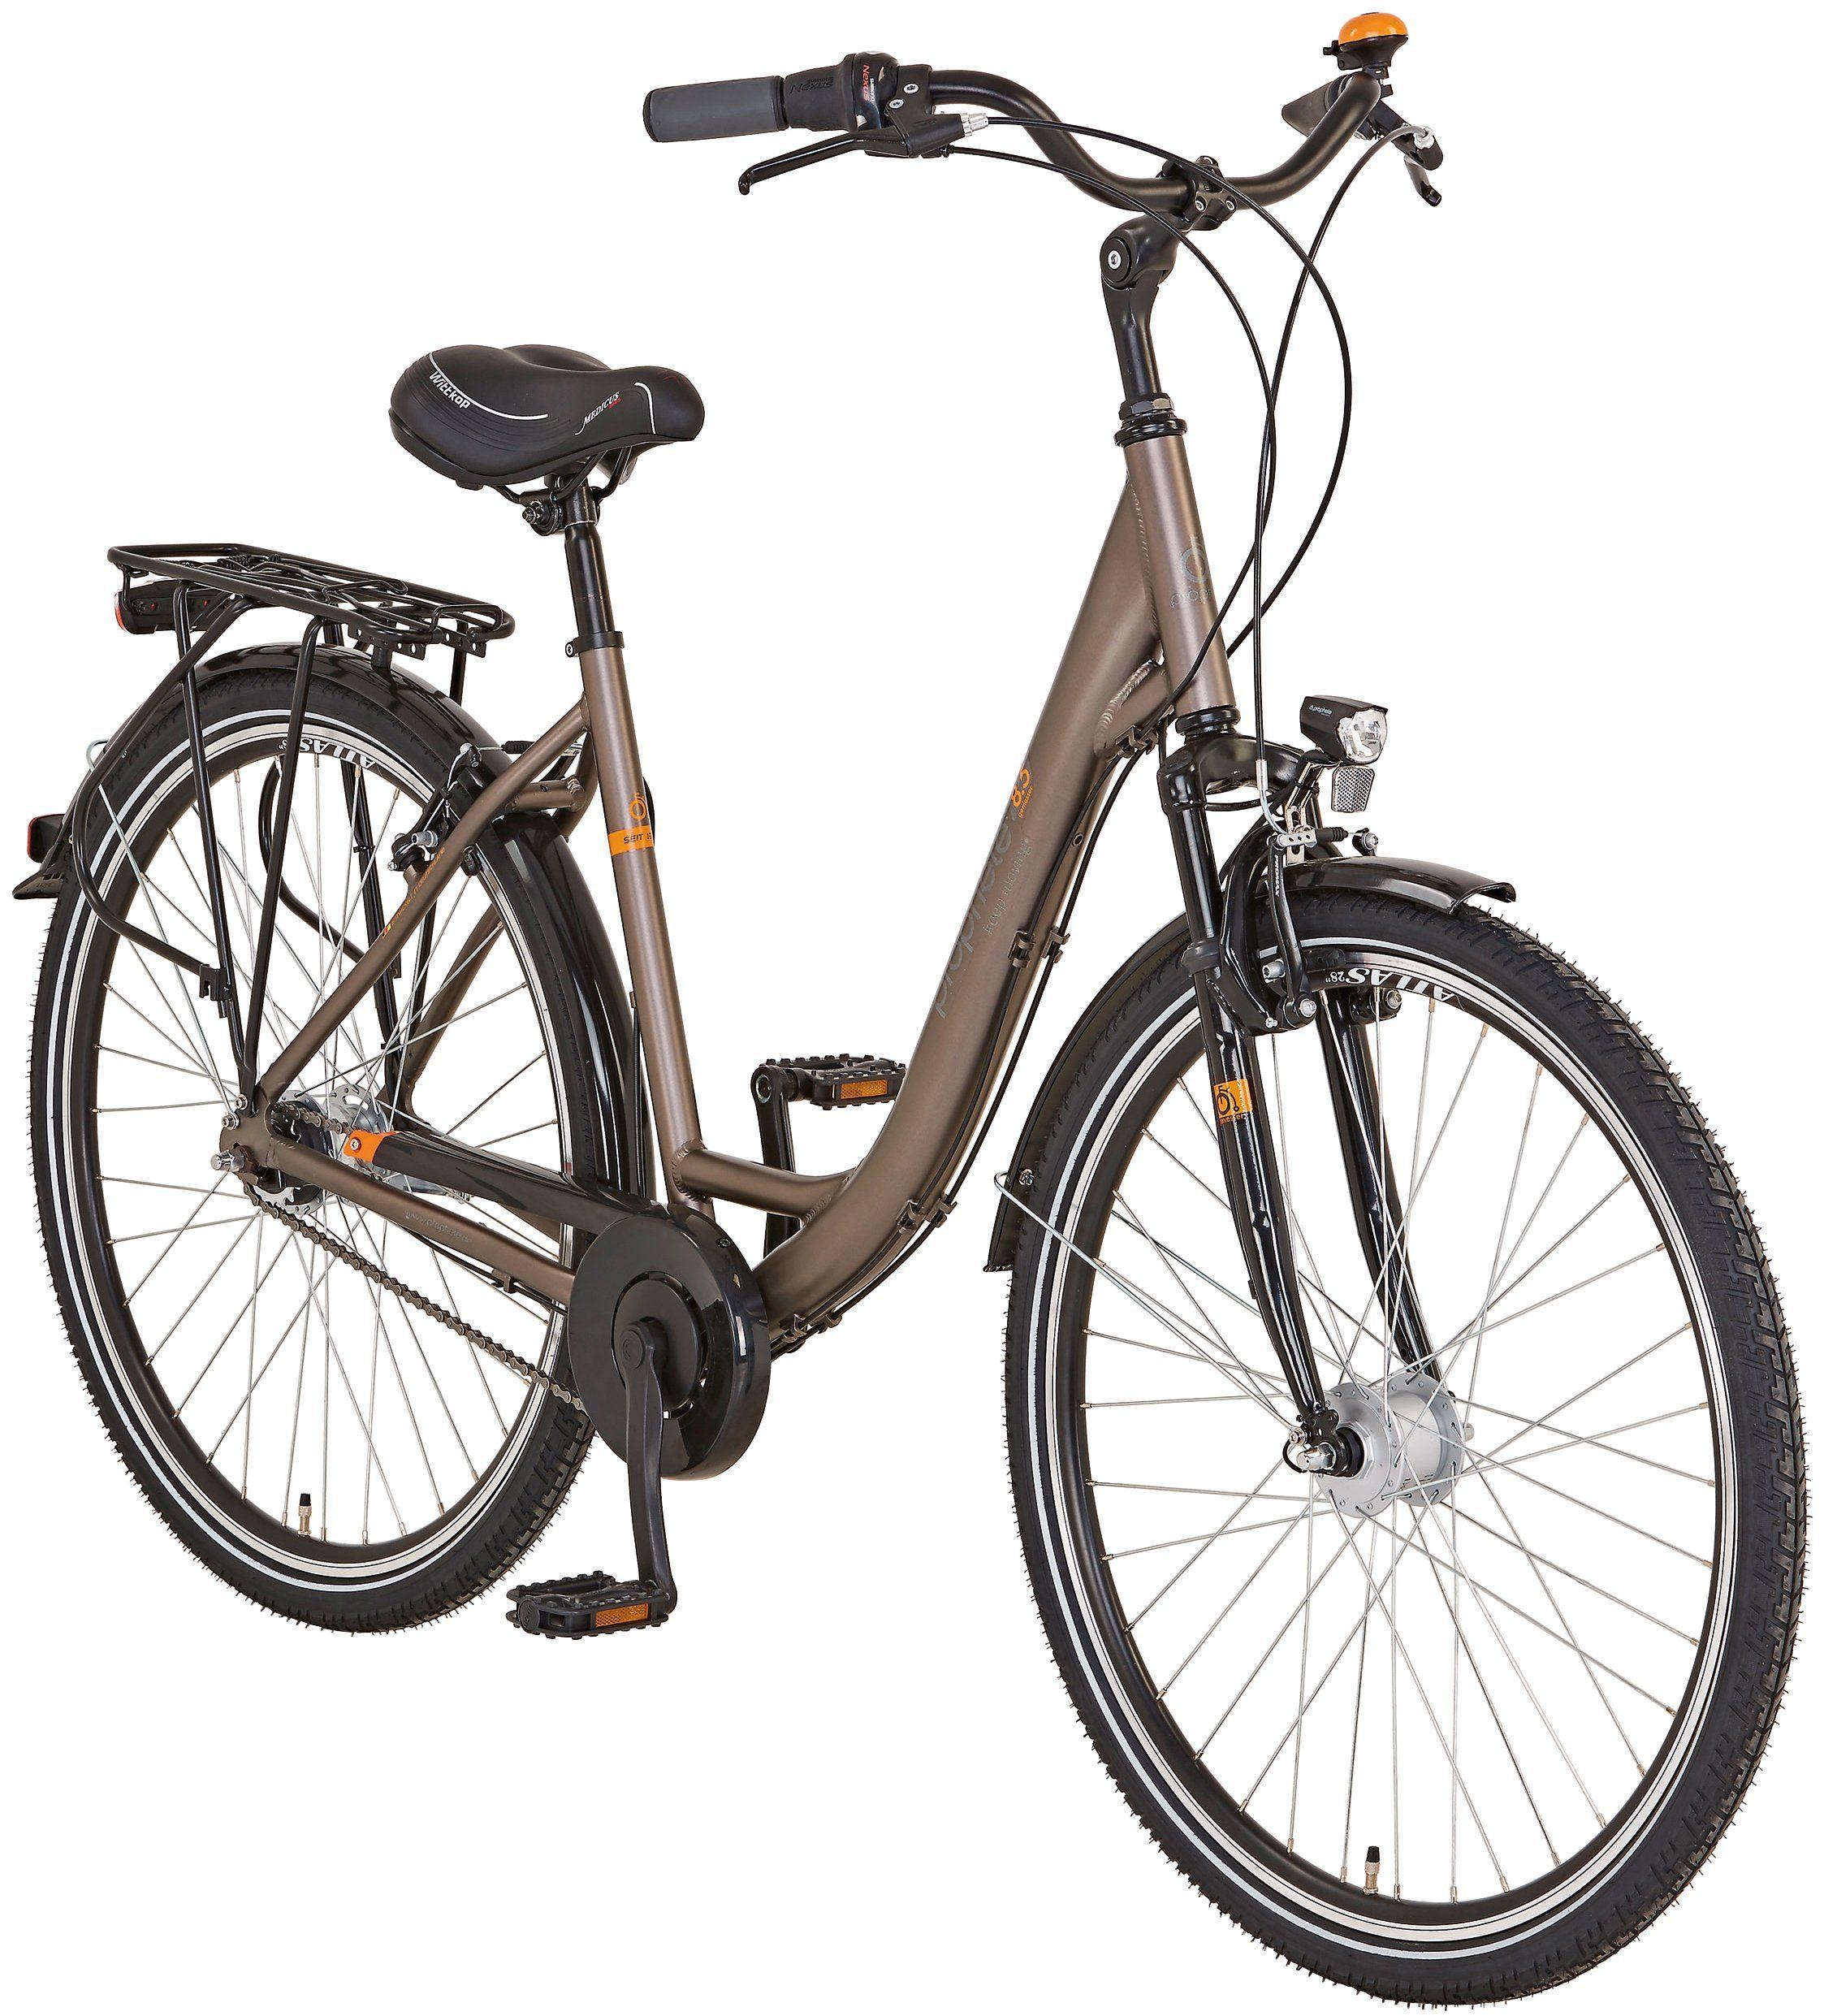 PROPHETE Citybike Damen »Alu-City GENIESSER 8.7«, 29 Zoll, 7 Gang, Rohrgepäckträger